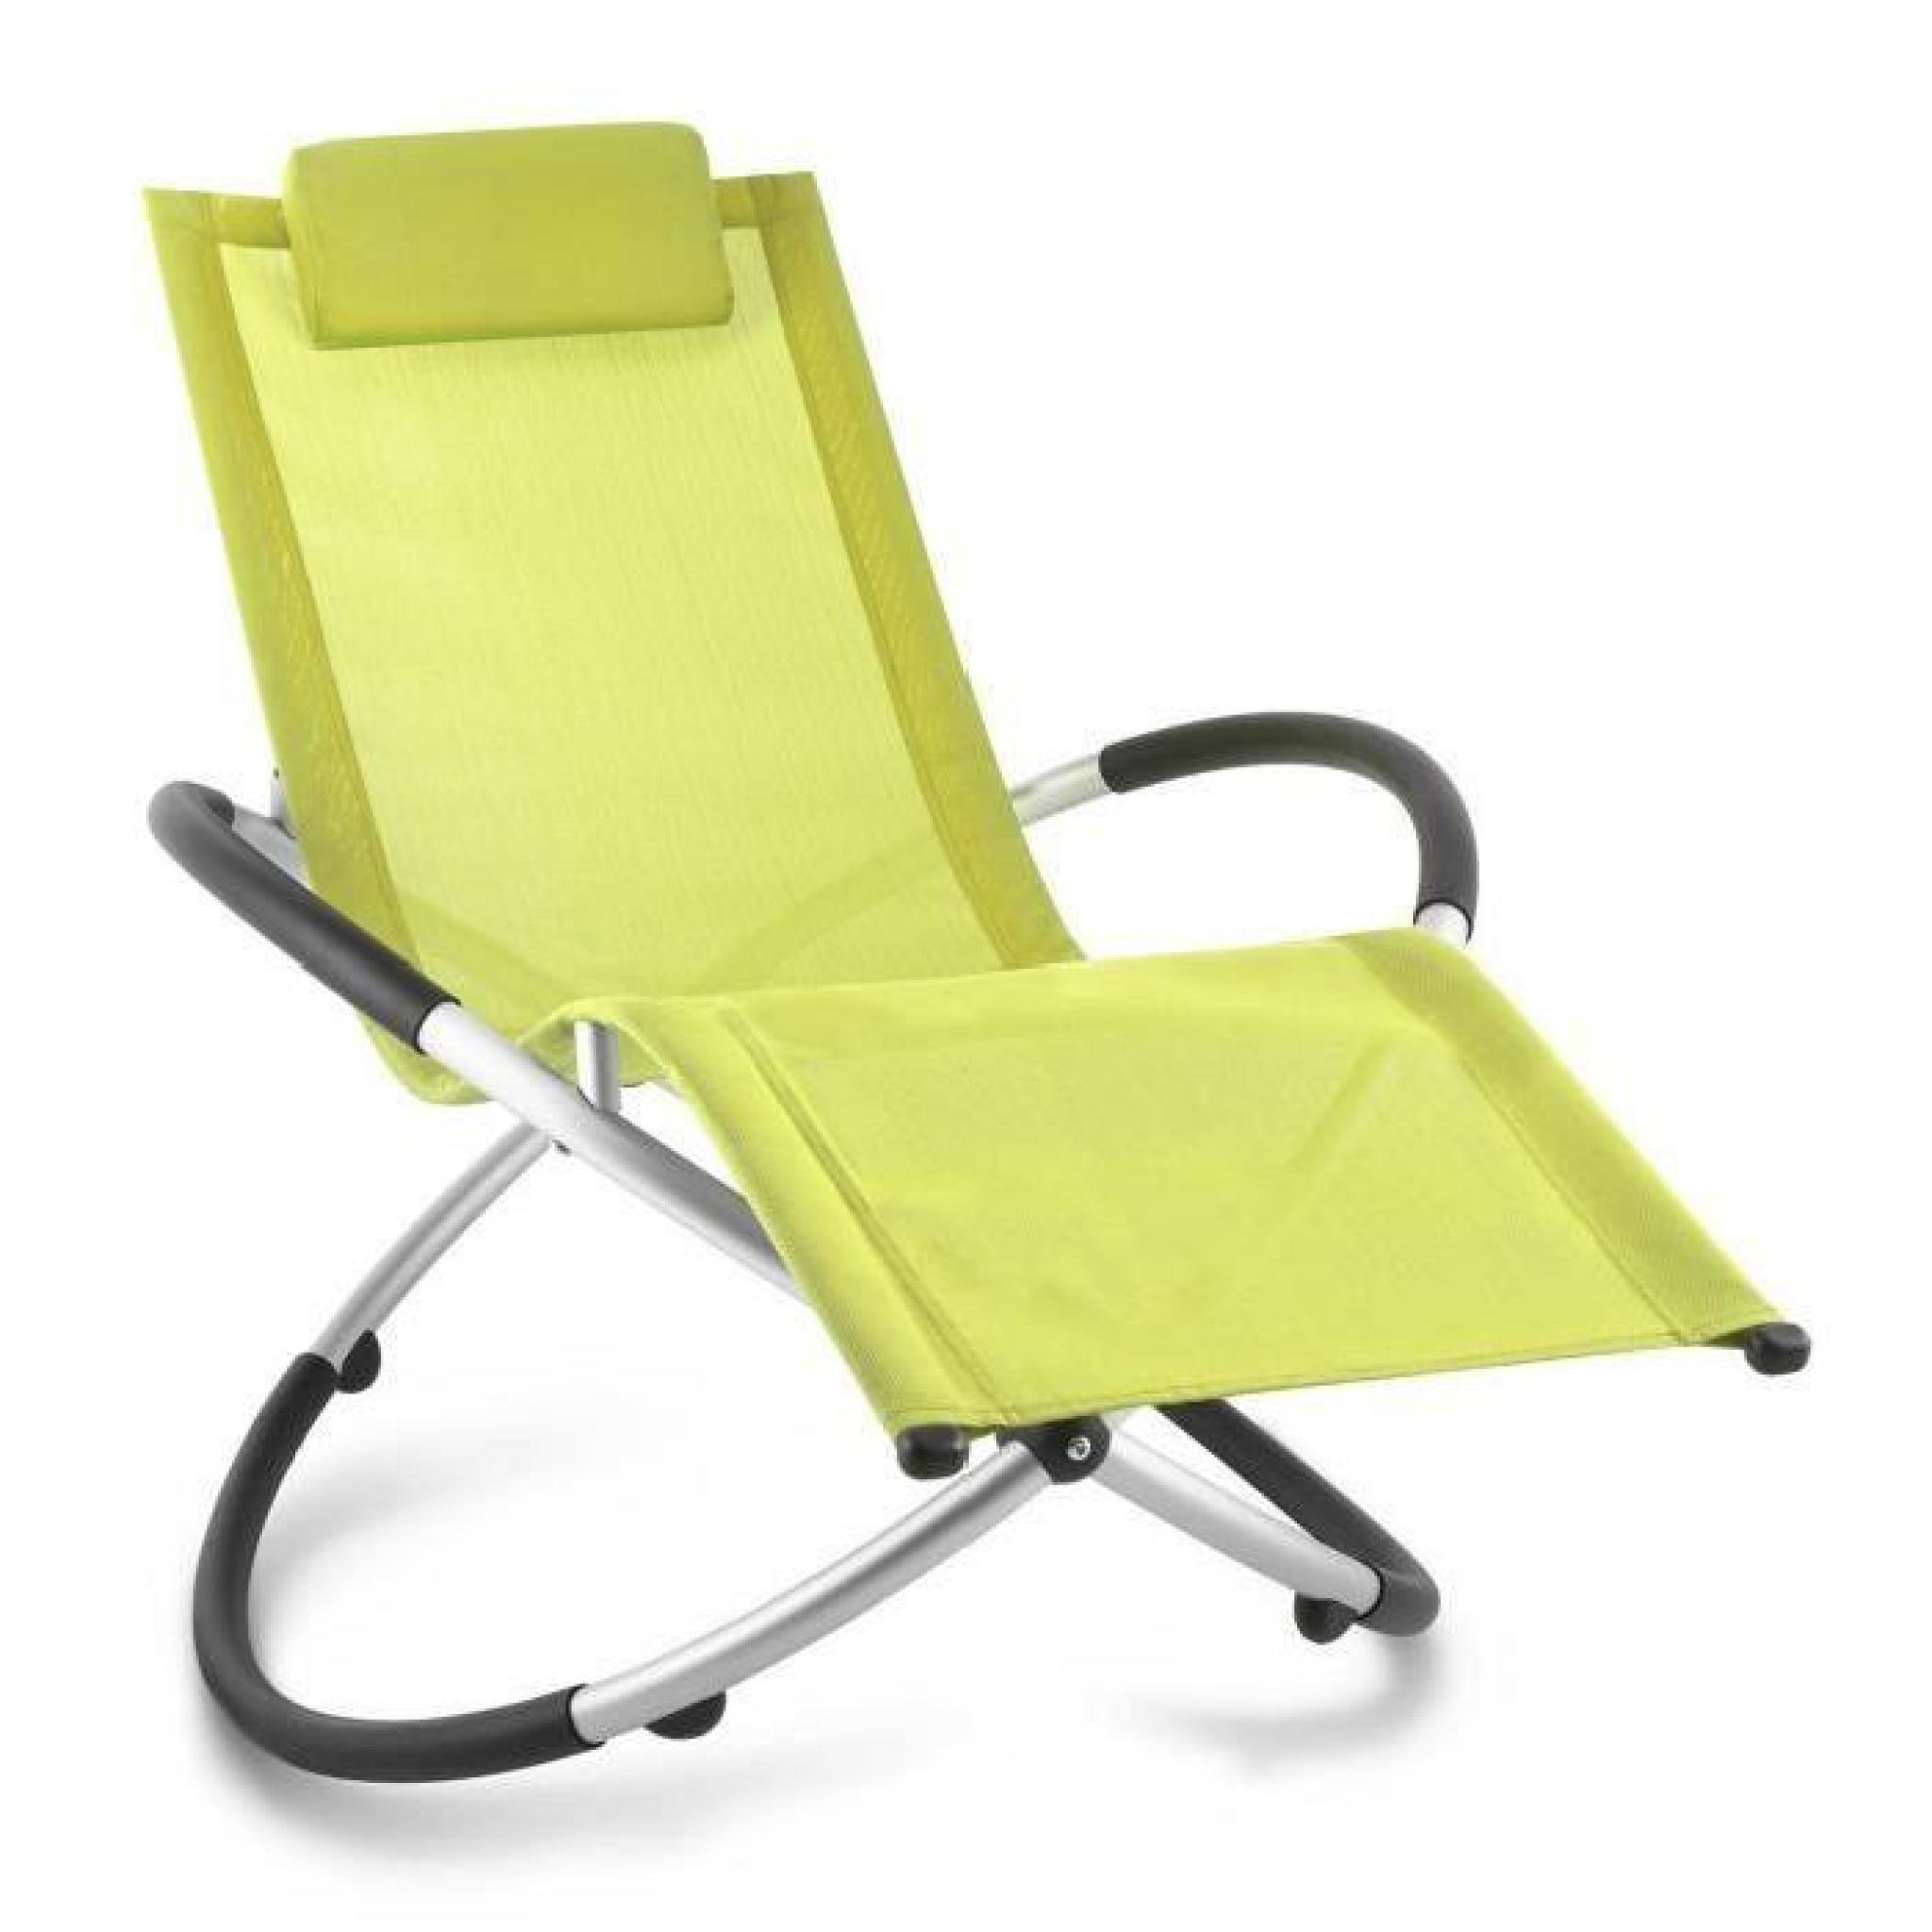 Blumfeldt Chilly Billy - Chaise longue de jardin avec accoudoirs, transat  avec cadre en aluminium et effet bascule